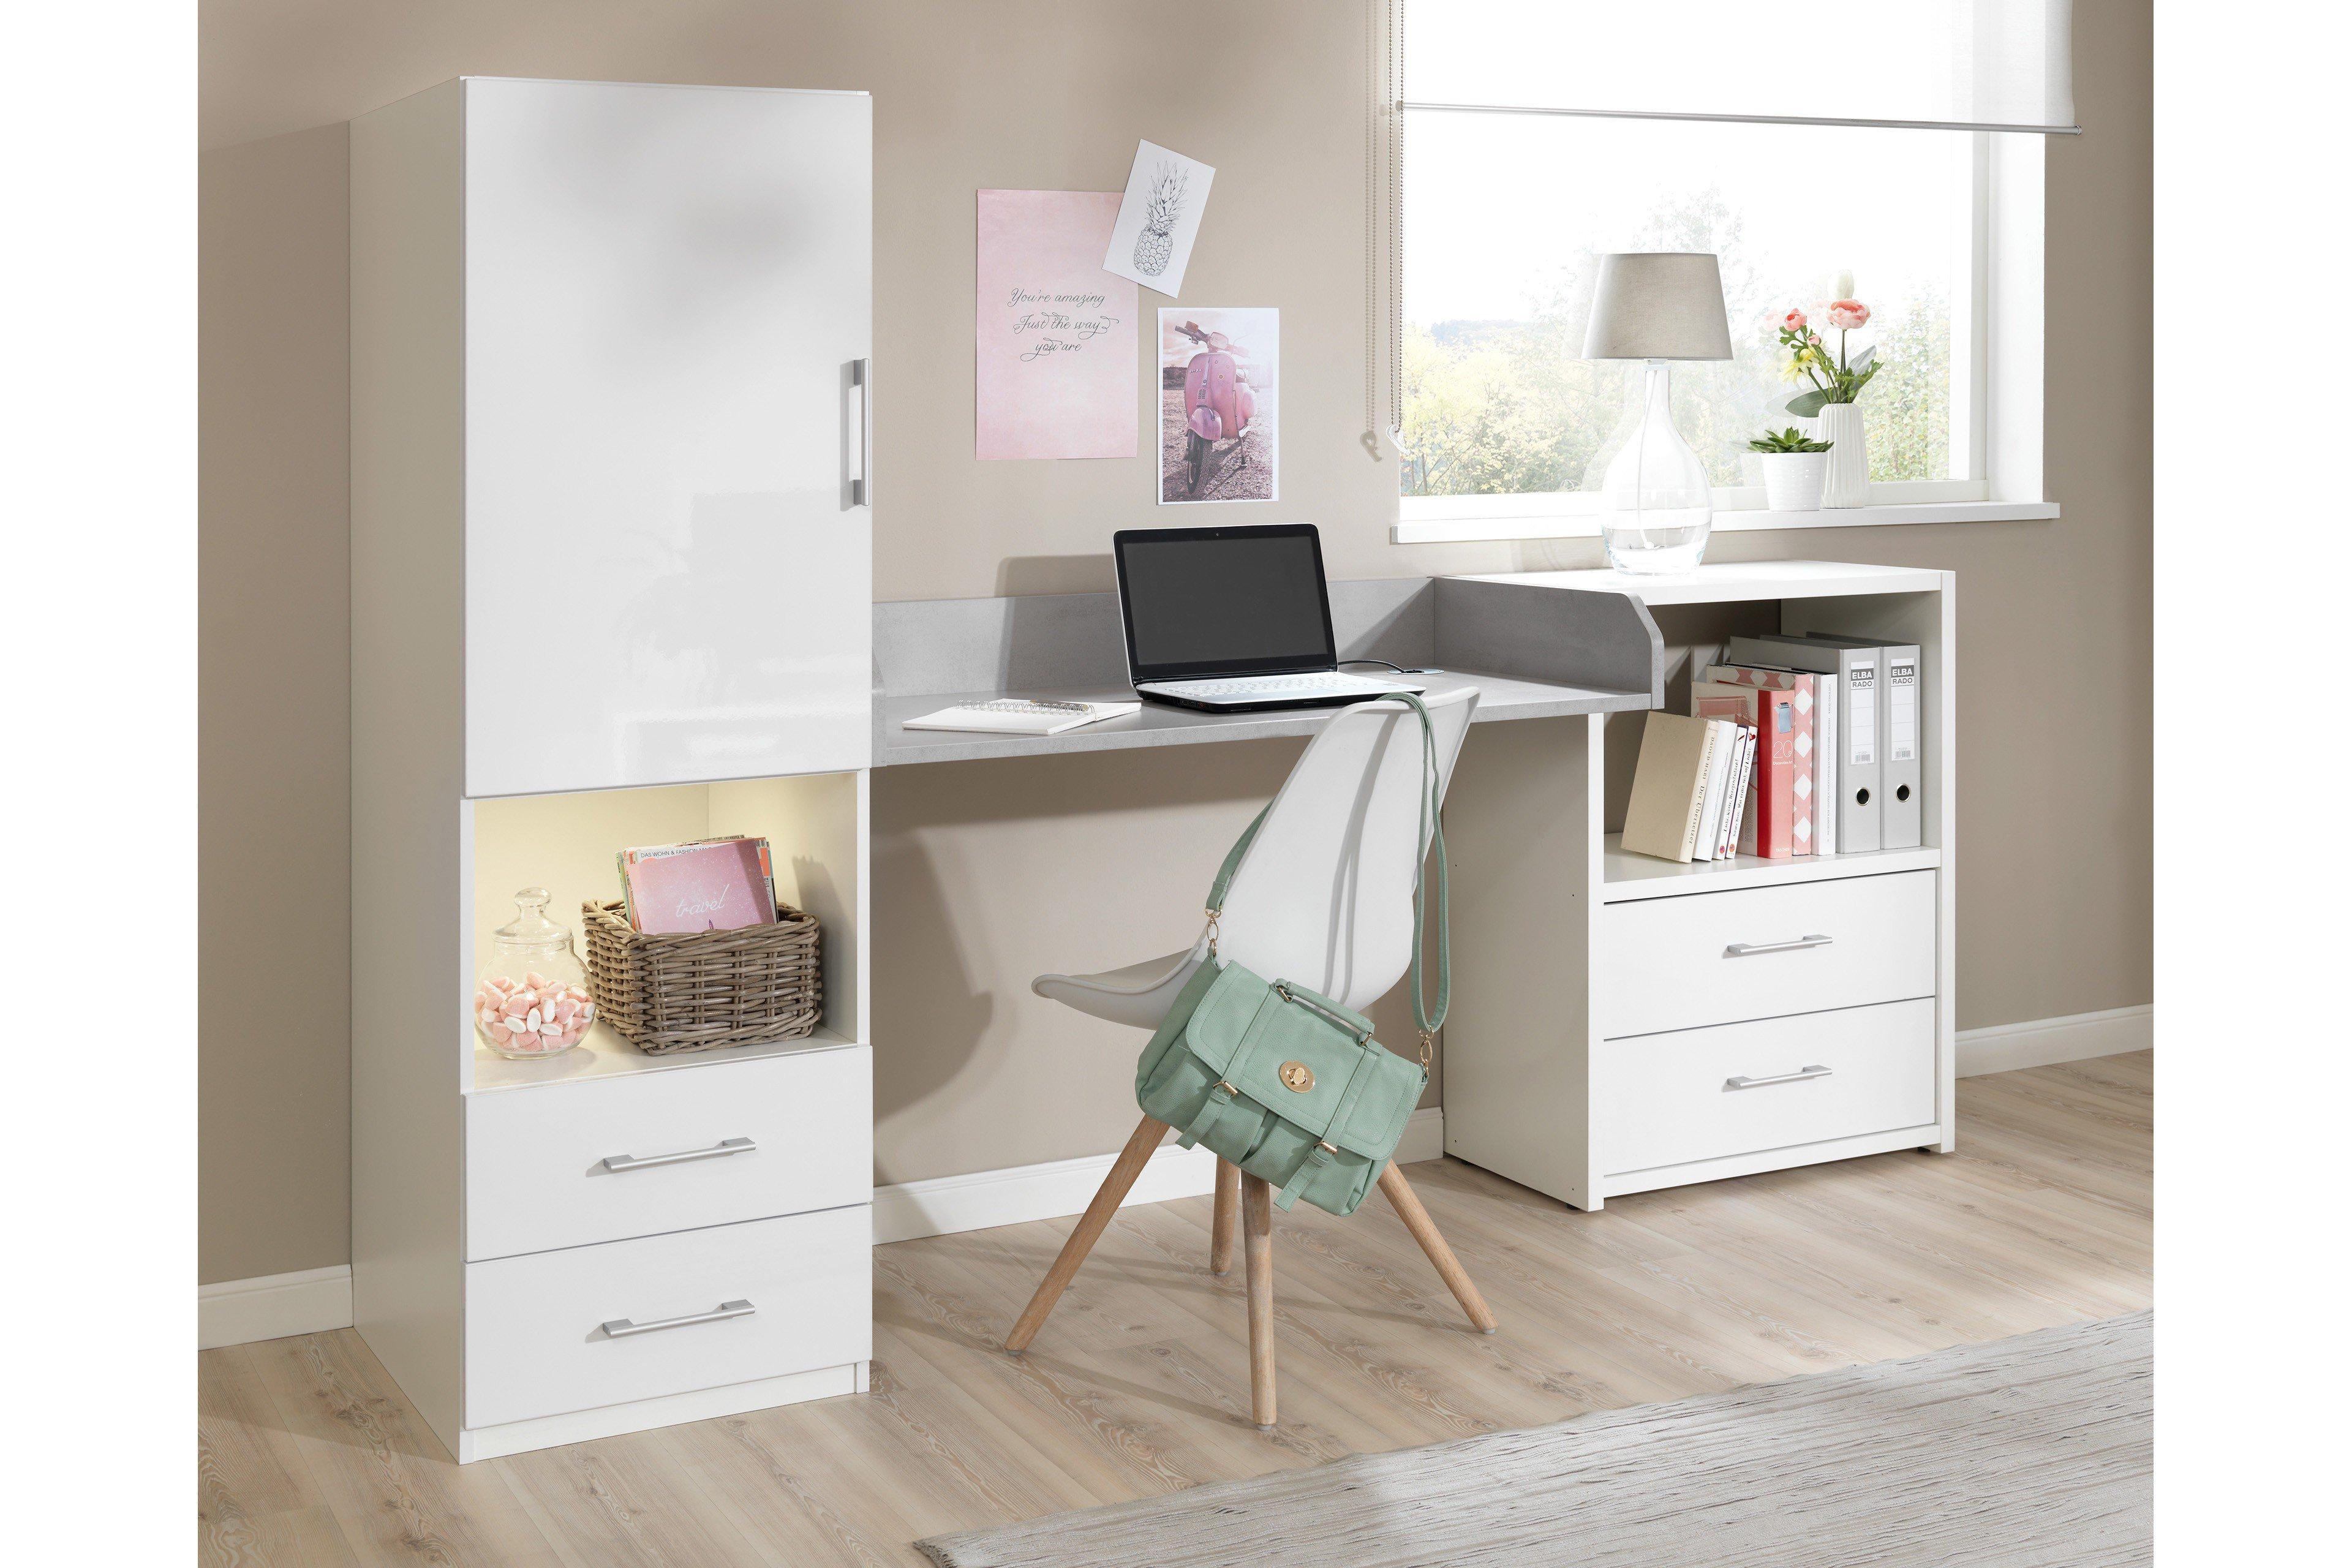 welle new concept chill schreibtisch wei beton m bel letz ihr online shop. Black Bedroom Furniture Sets. Home Design Ideas